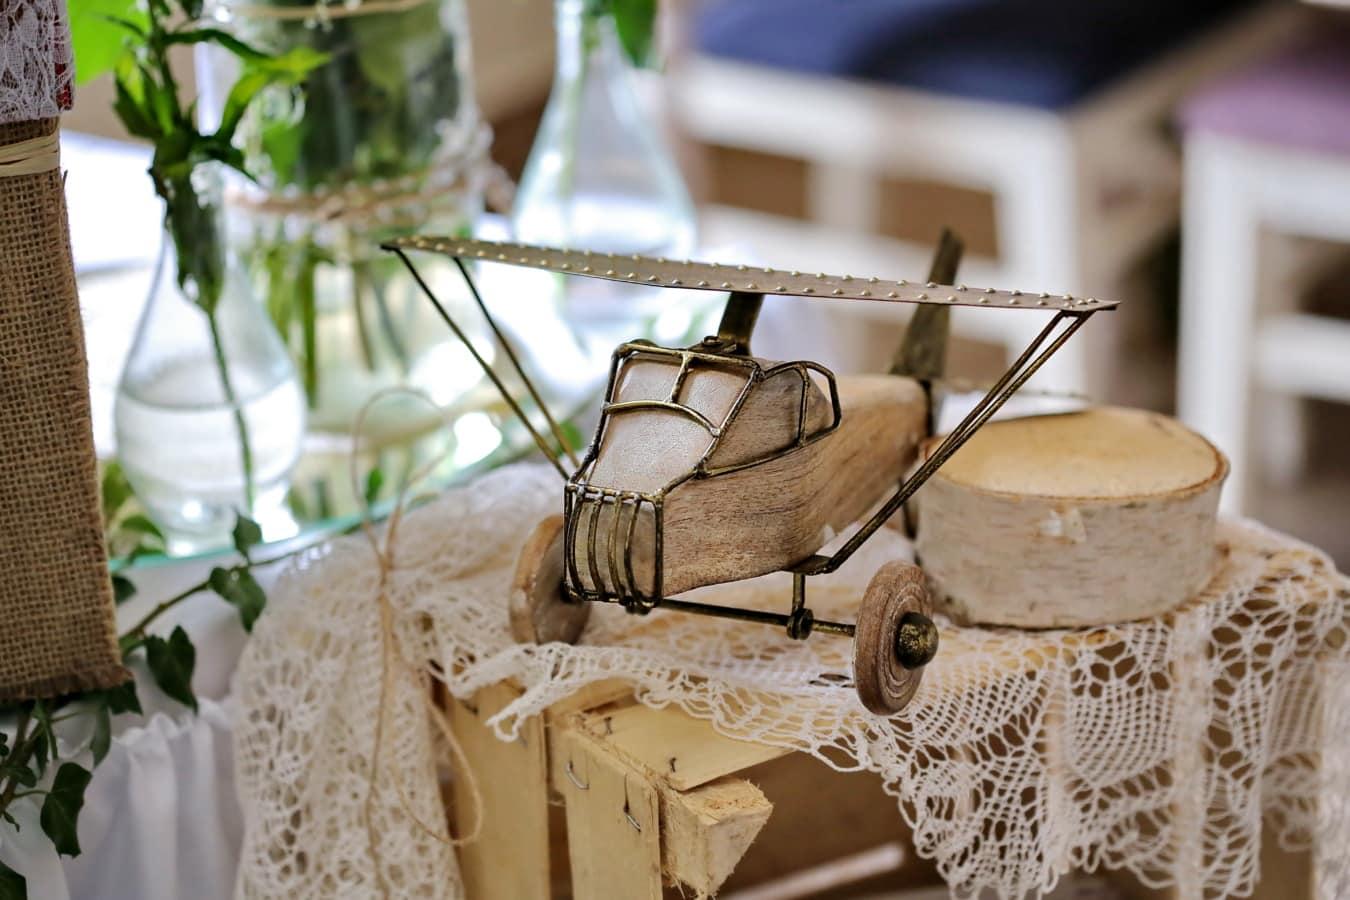 biplan, jouet, avion, fait main, bois, traditionnel, Retro, nature morte, marchandise, vieux